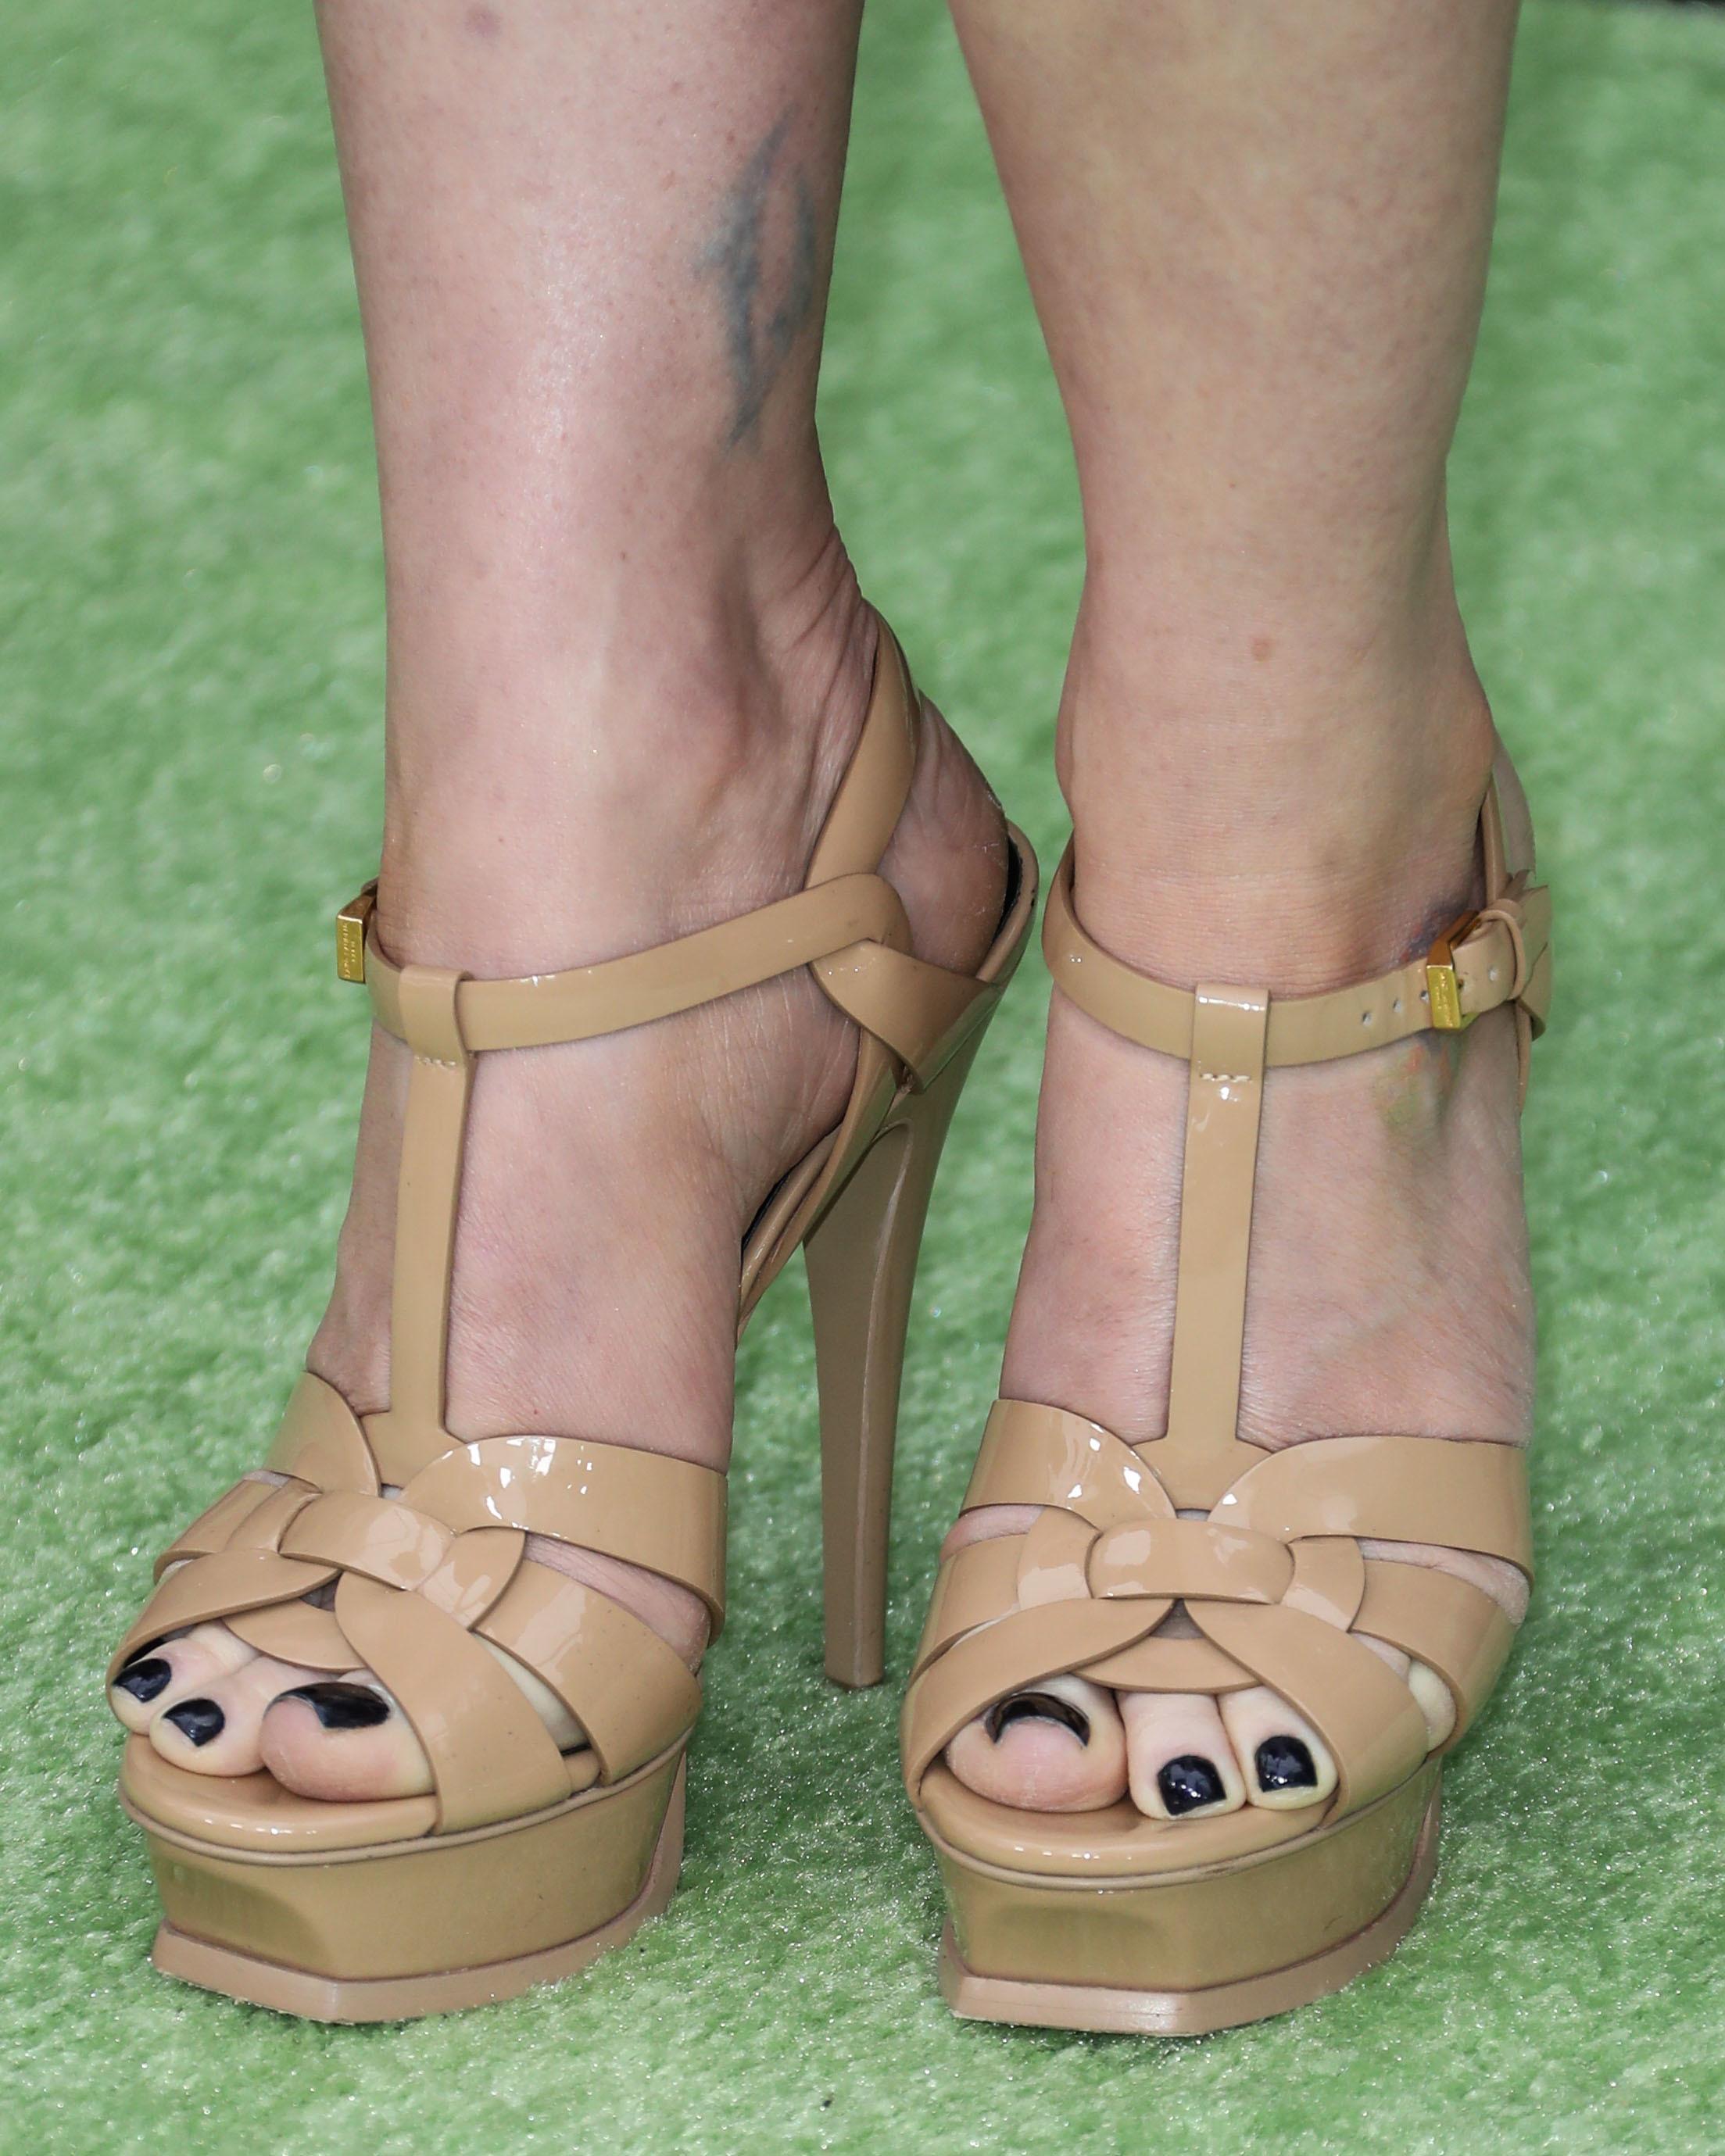 alyson hannigan feet